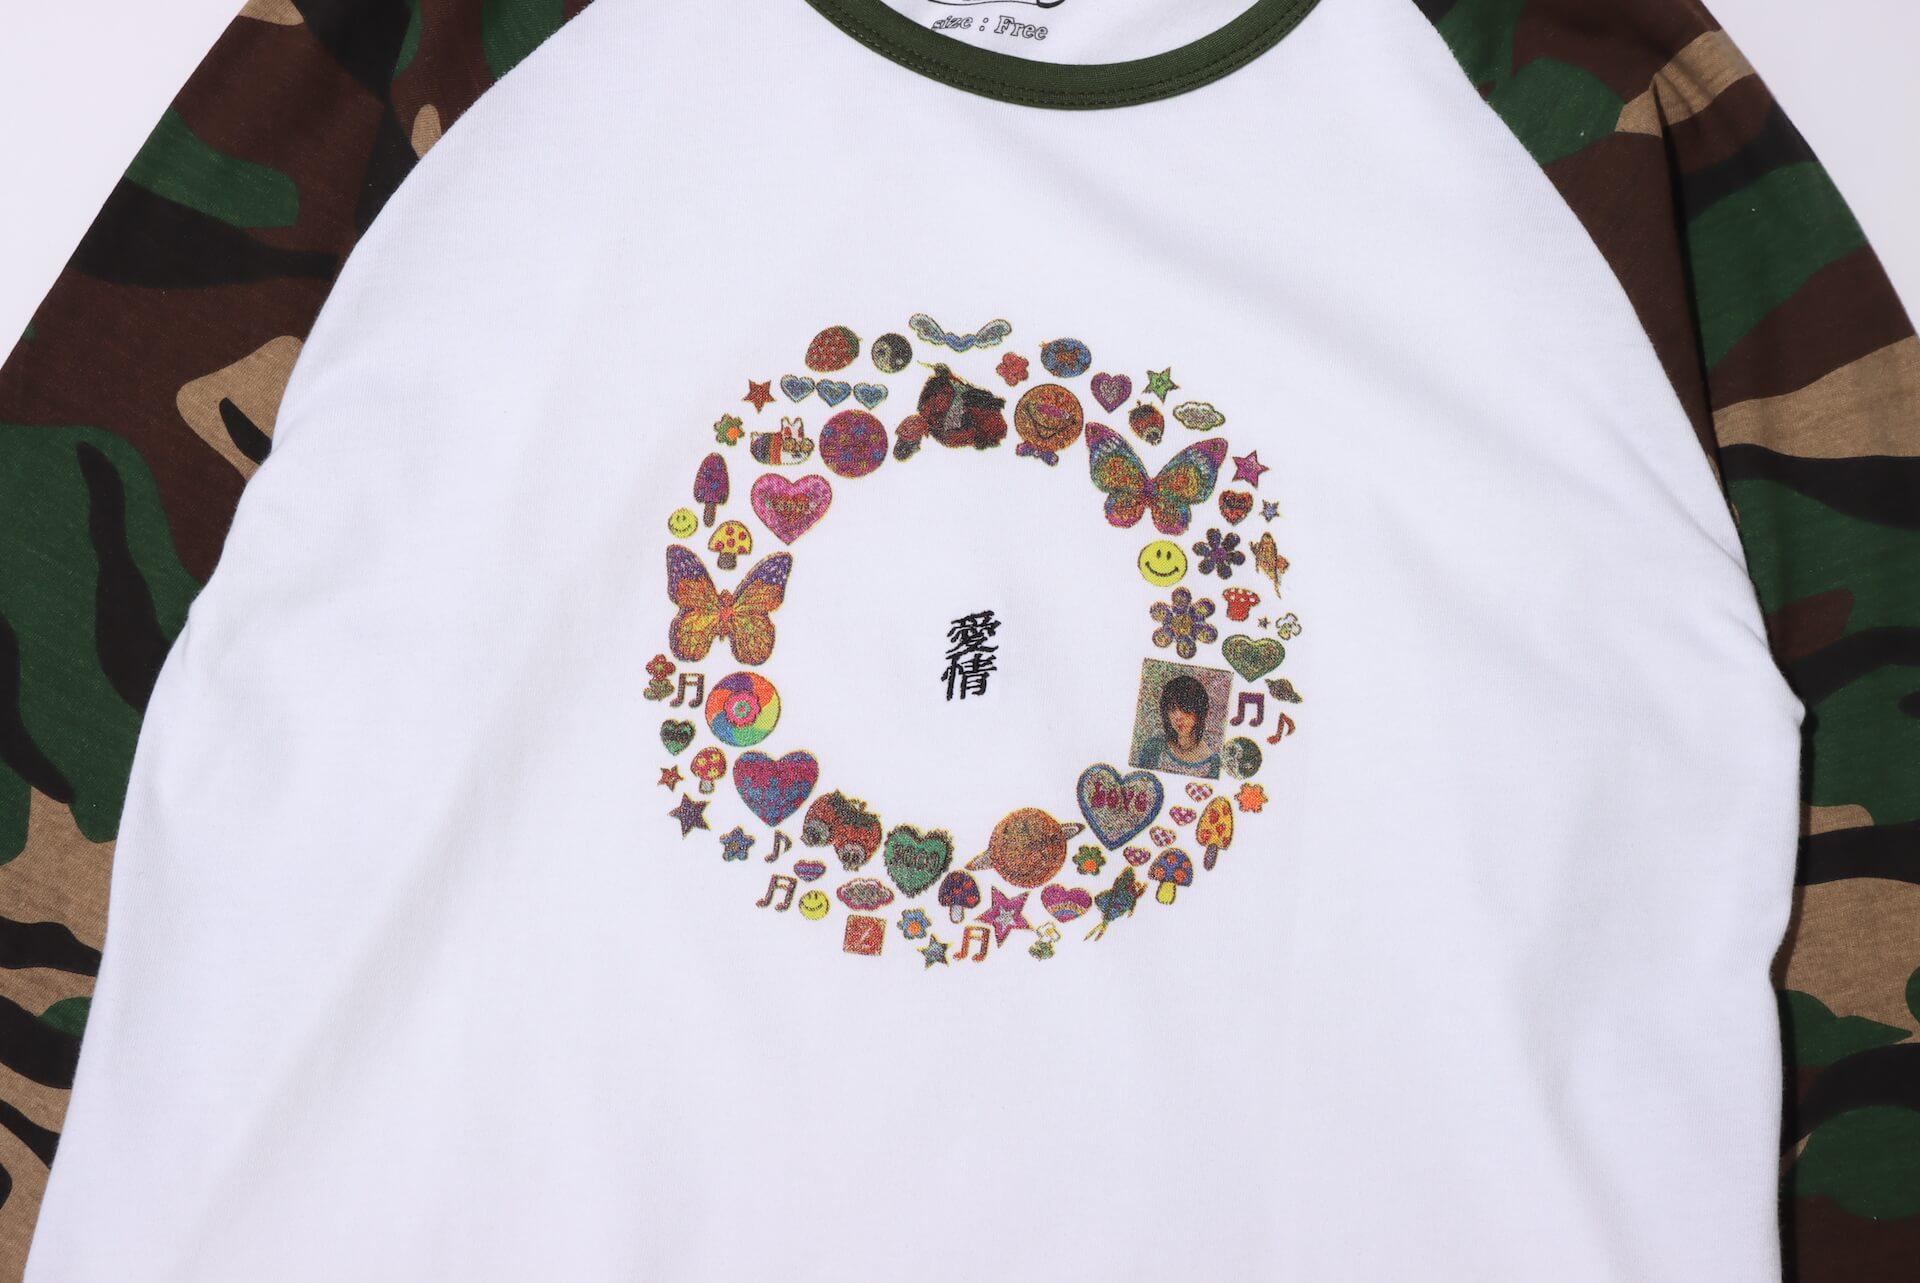 酒井いぶきとatmos pinkのコラボレーションアパレルが発売決定!アイテムデコレーションを楽しむ<ペタペタ会>も開催 Fashion_210712_ibuki-sakai4